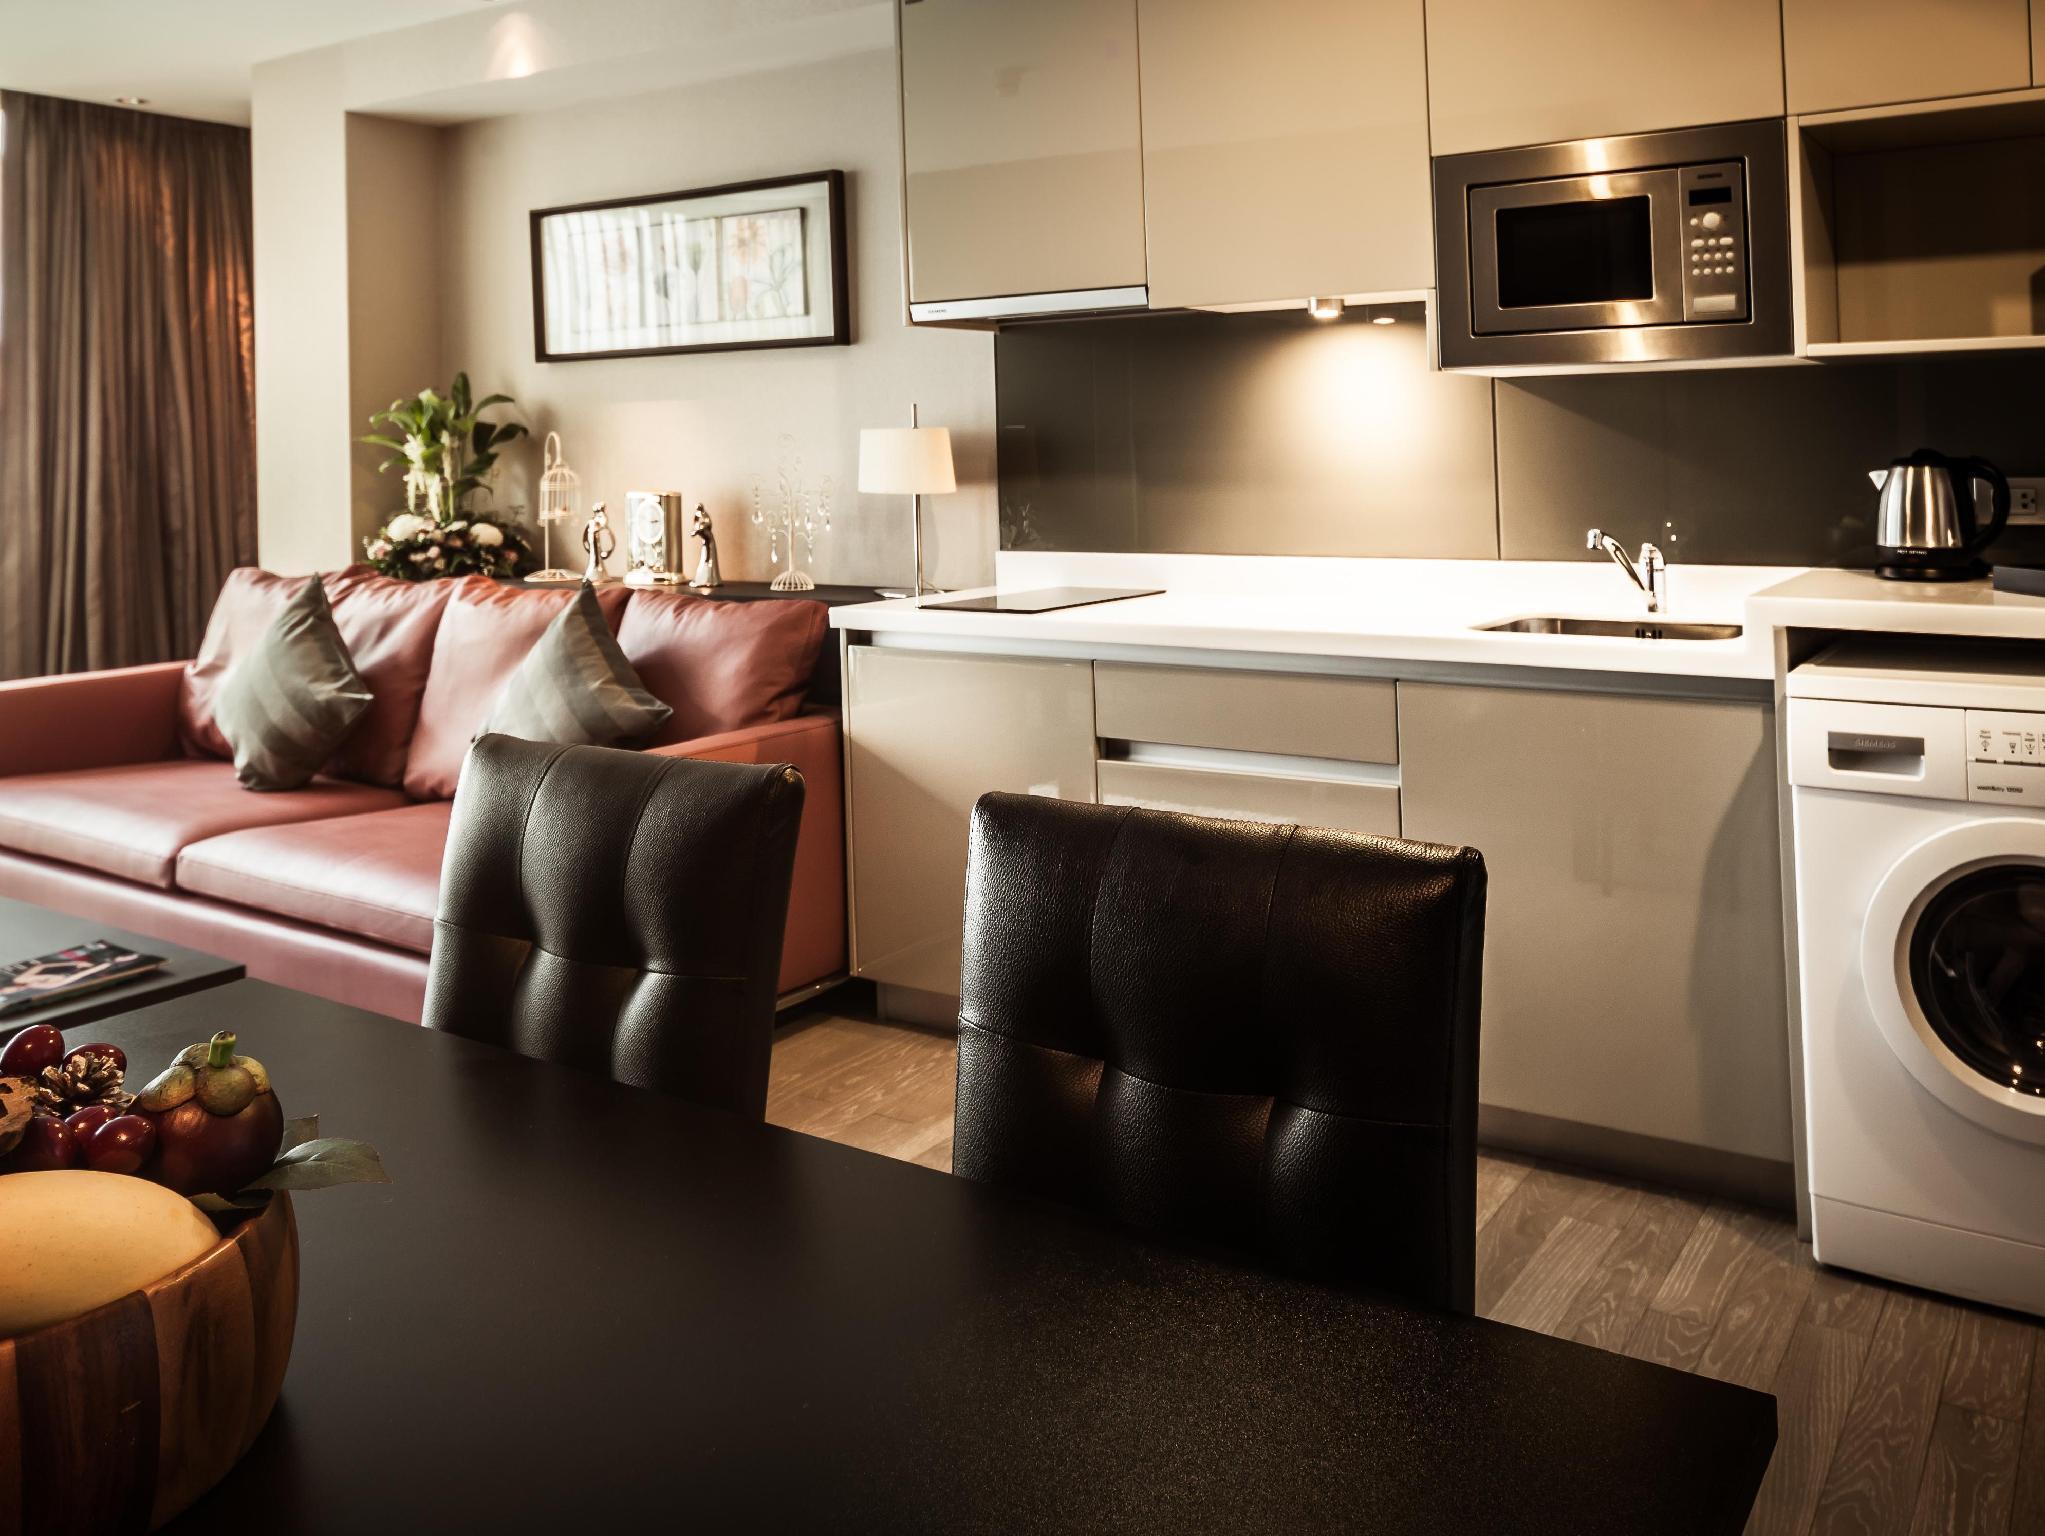 Arcadia Residence Ploenchit by Compass Hospitality อาร์คาเดีย เรสซิเดนซ์ เพลินจิต บาย คอมพาส ฮอสพิทอลลิตี